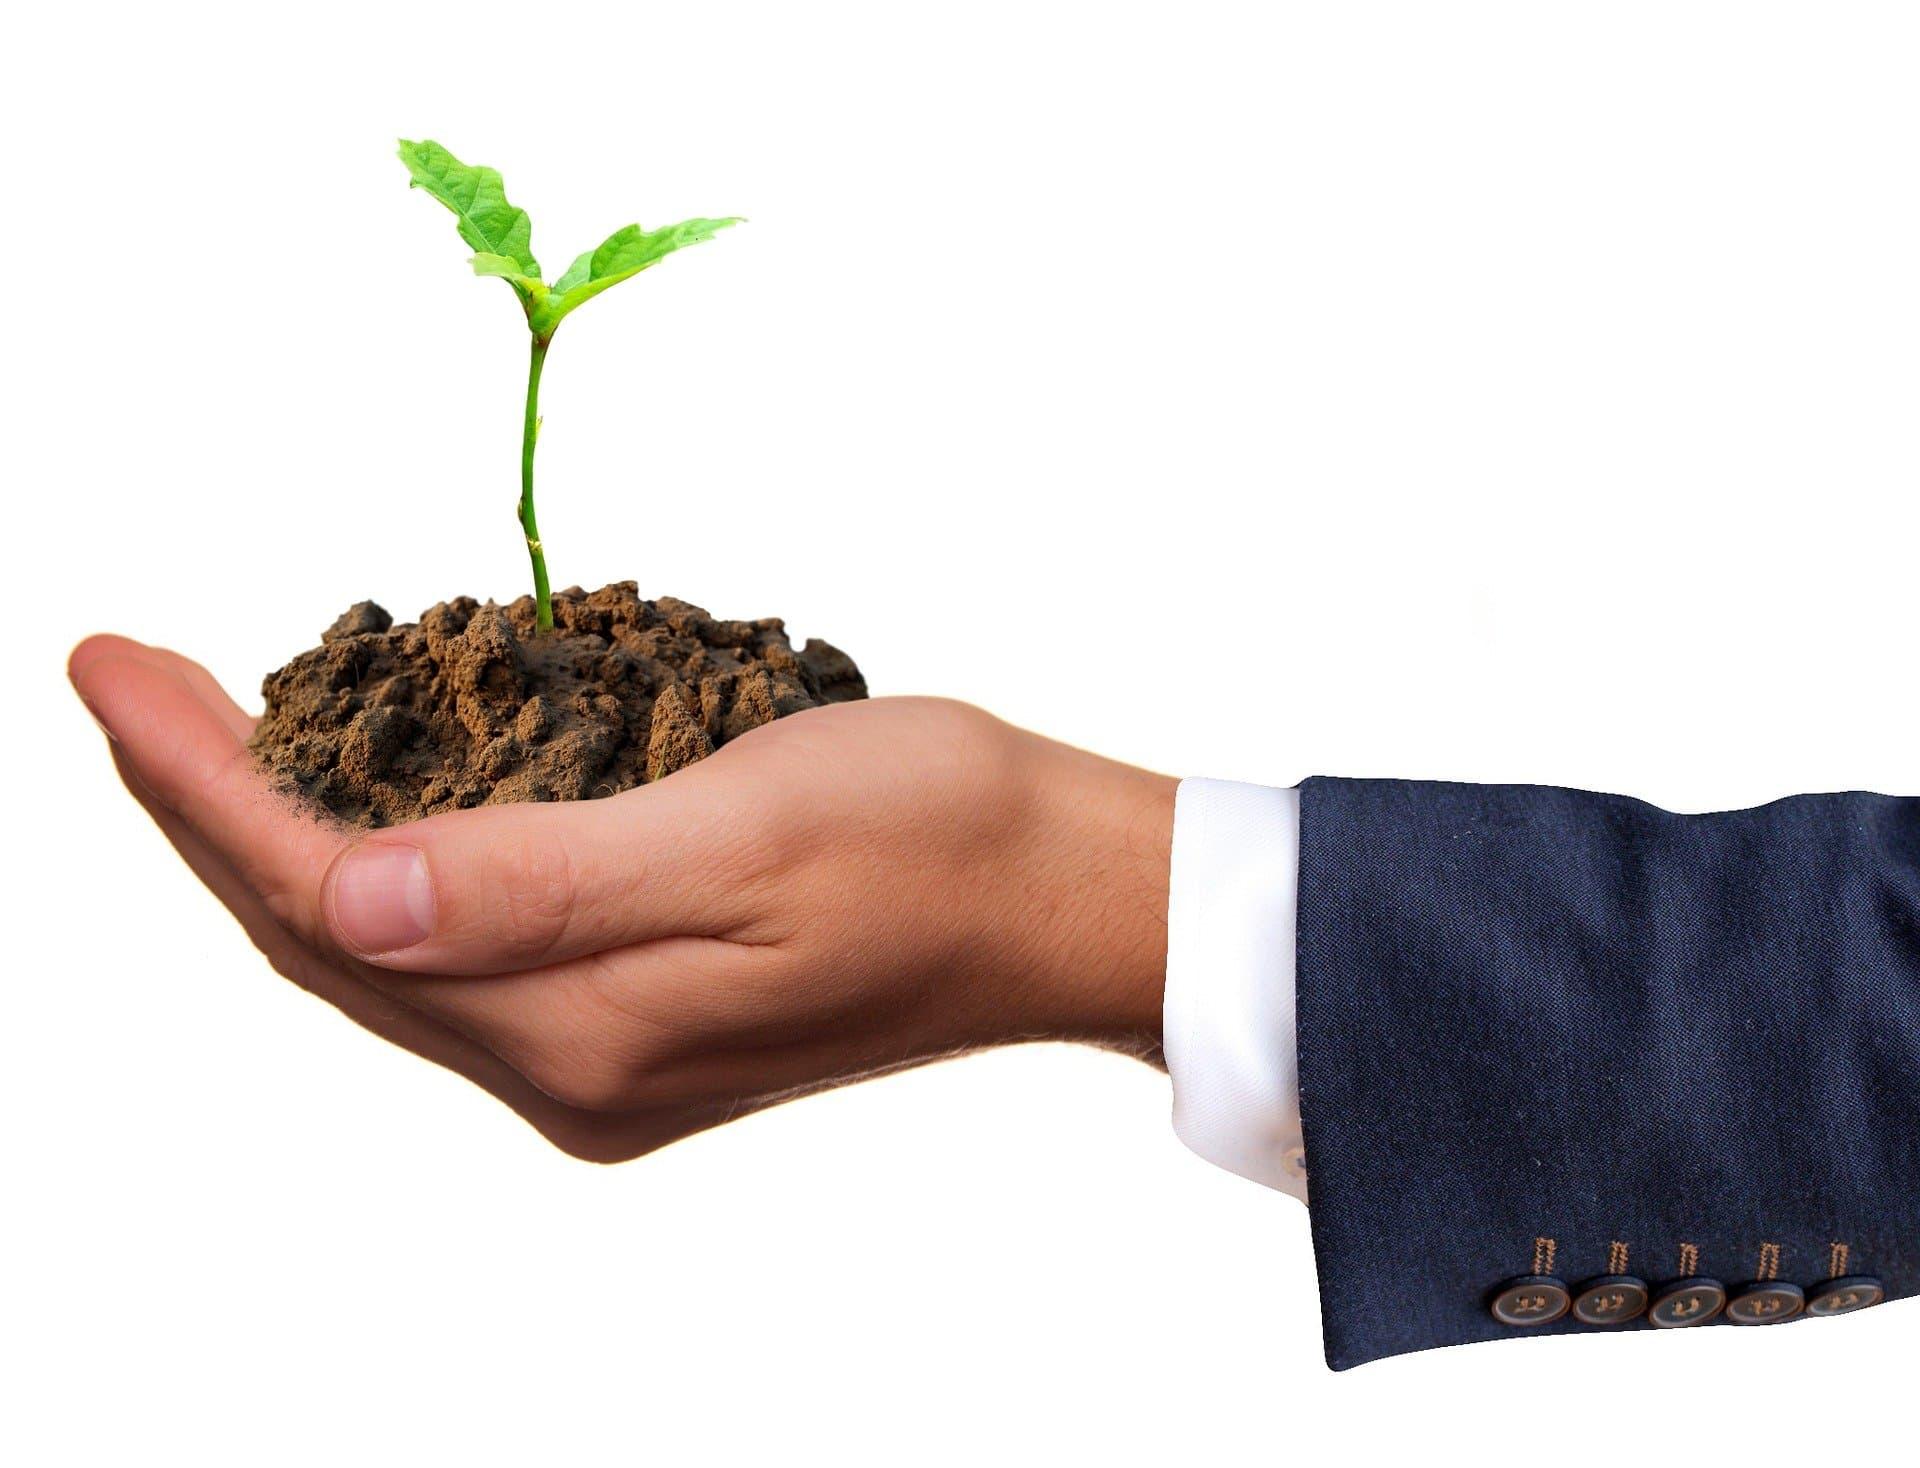 pousse d'une plante dans la main d'un homme